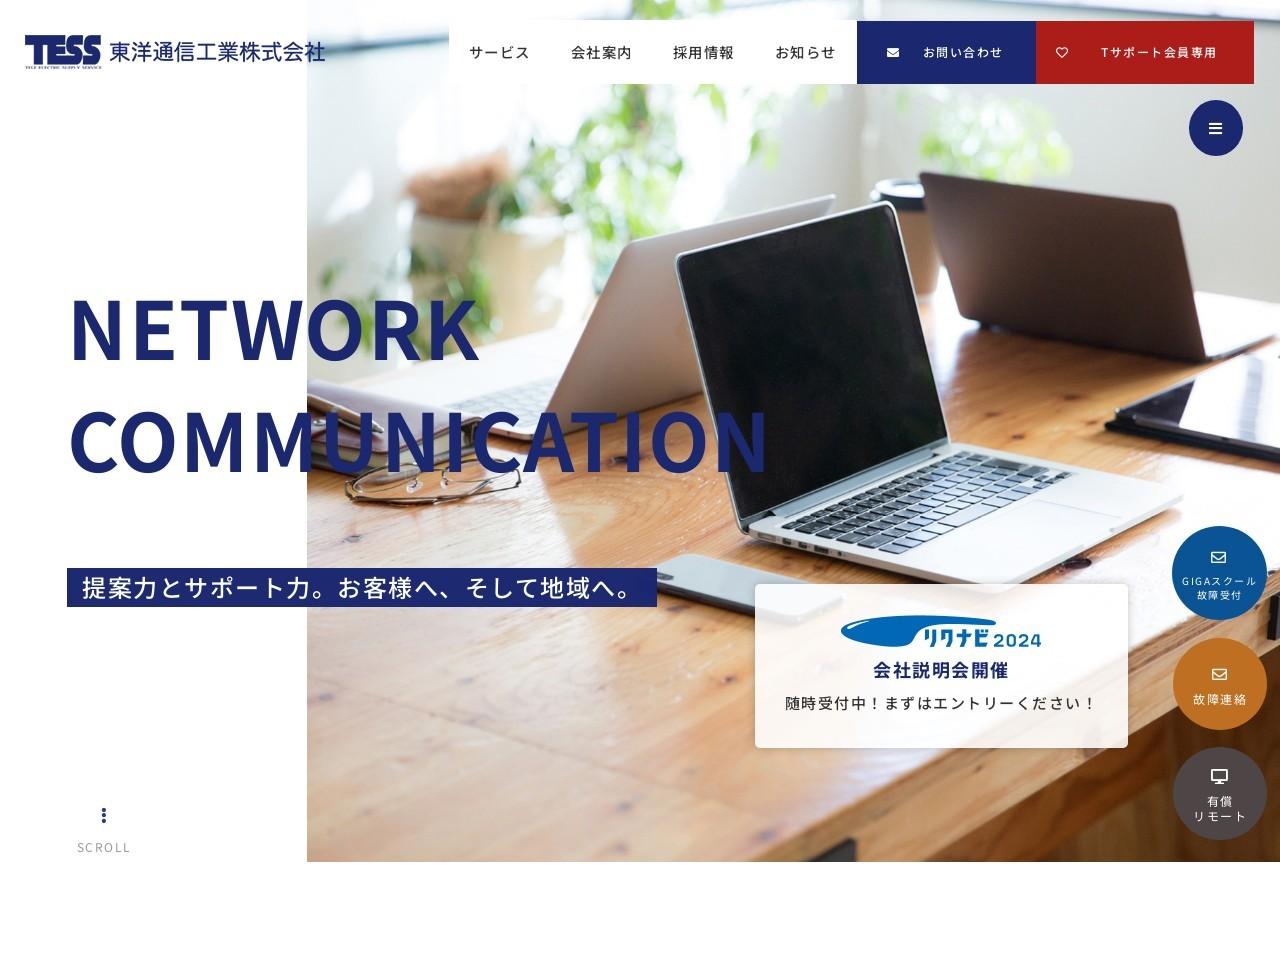 パソコンレスキュー・東洋通信工業株式会社